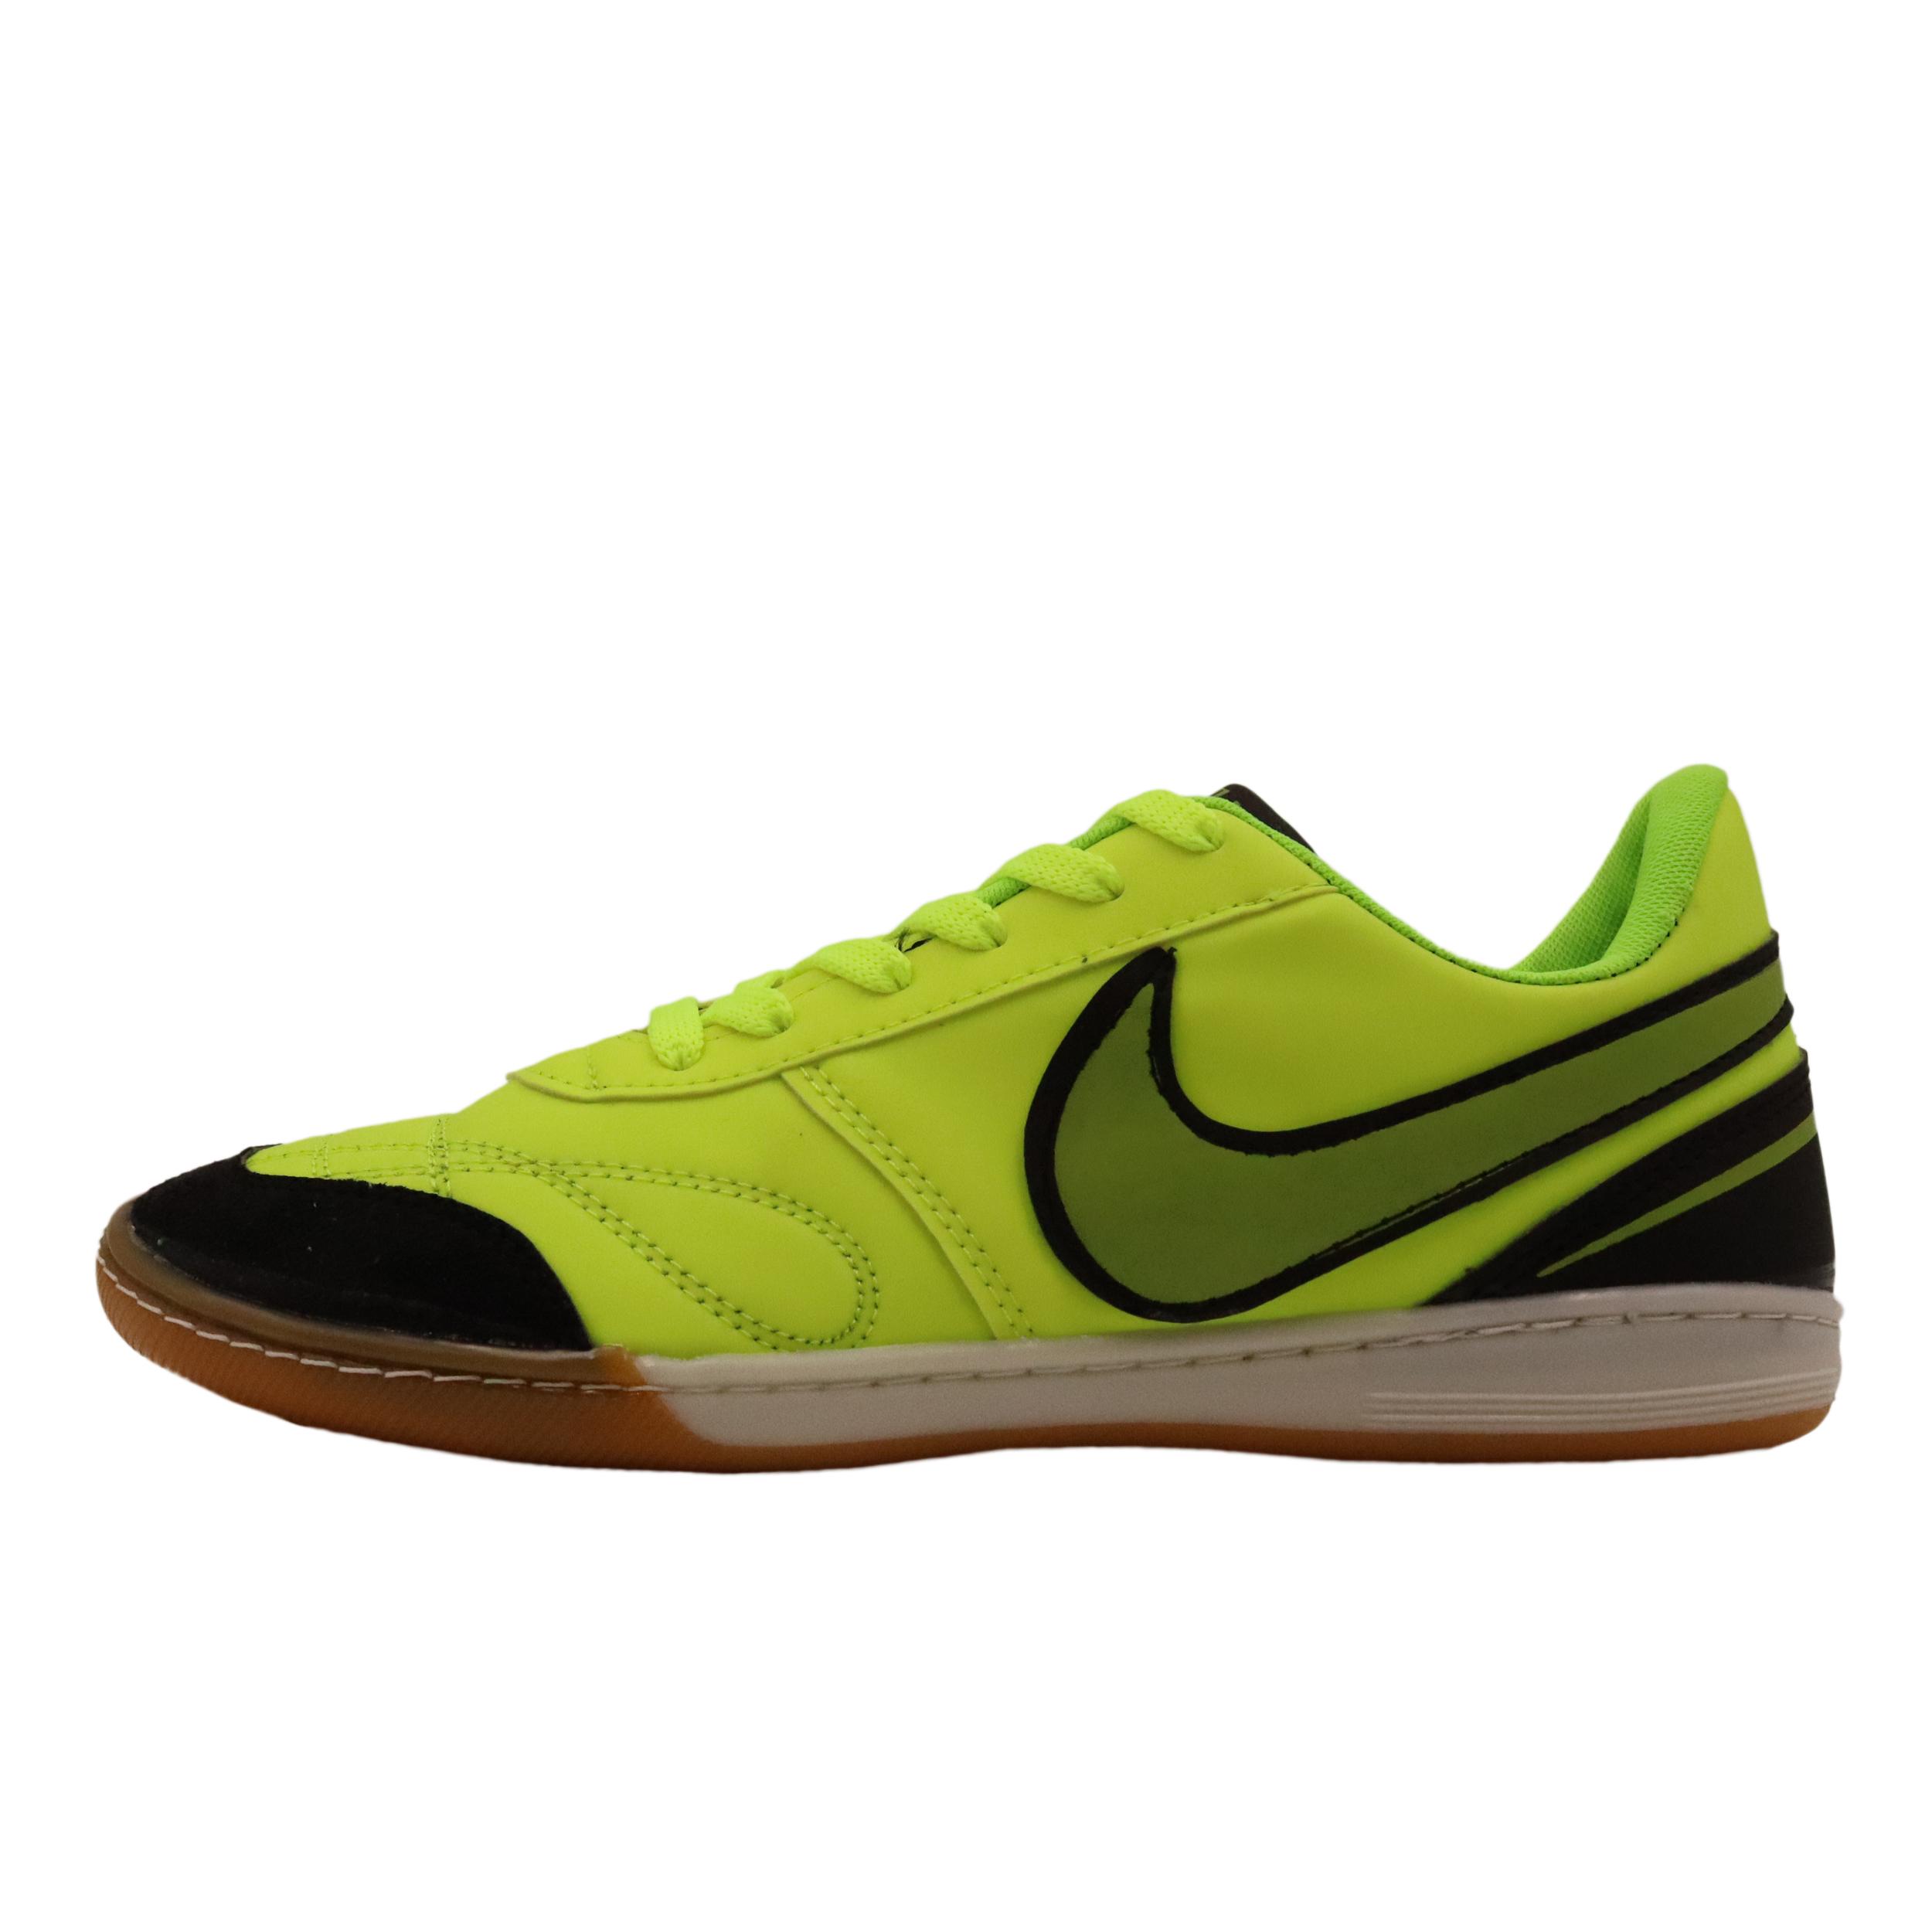 کفش فوتبال مردانه کد 1032